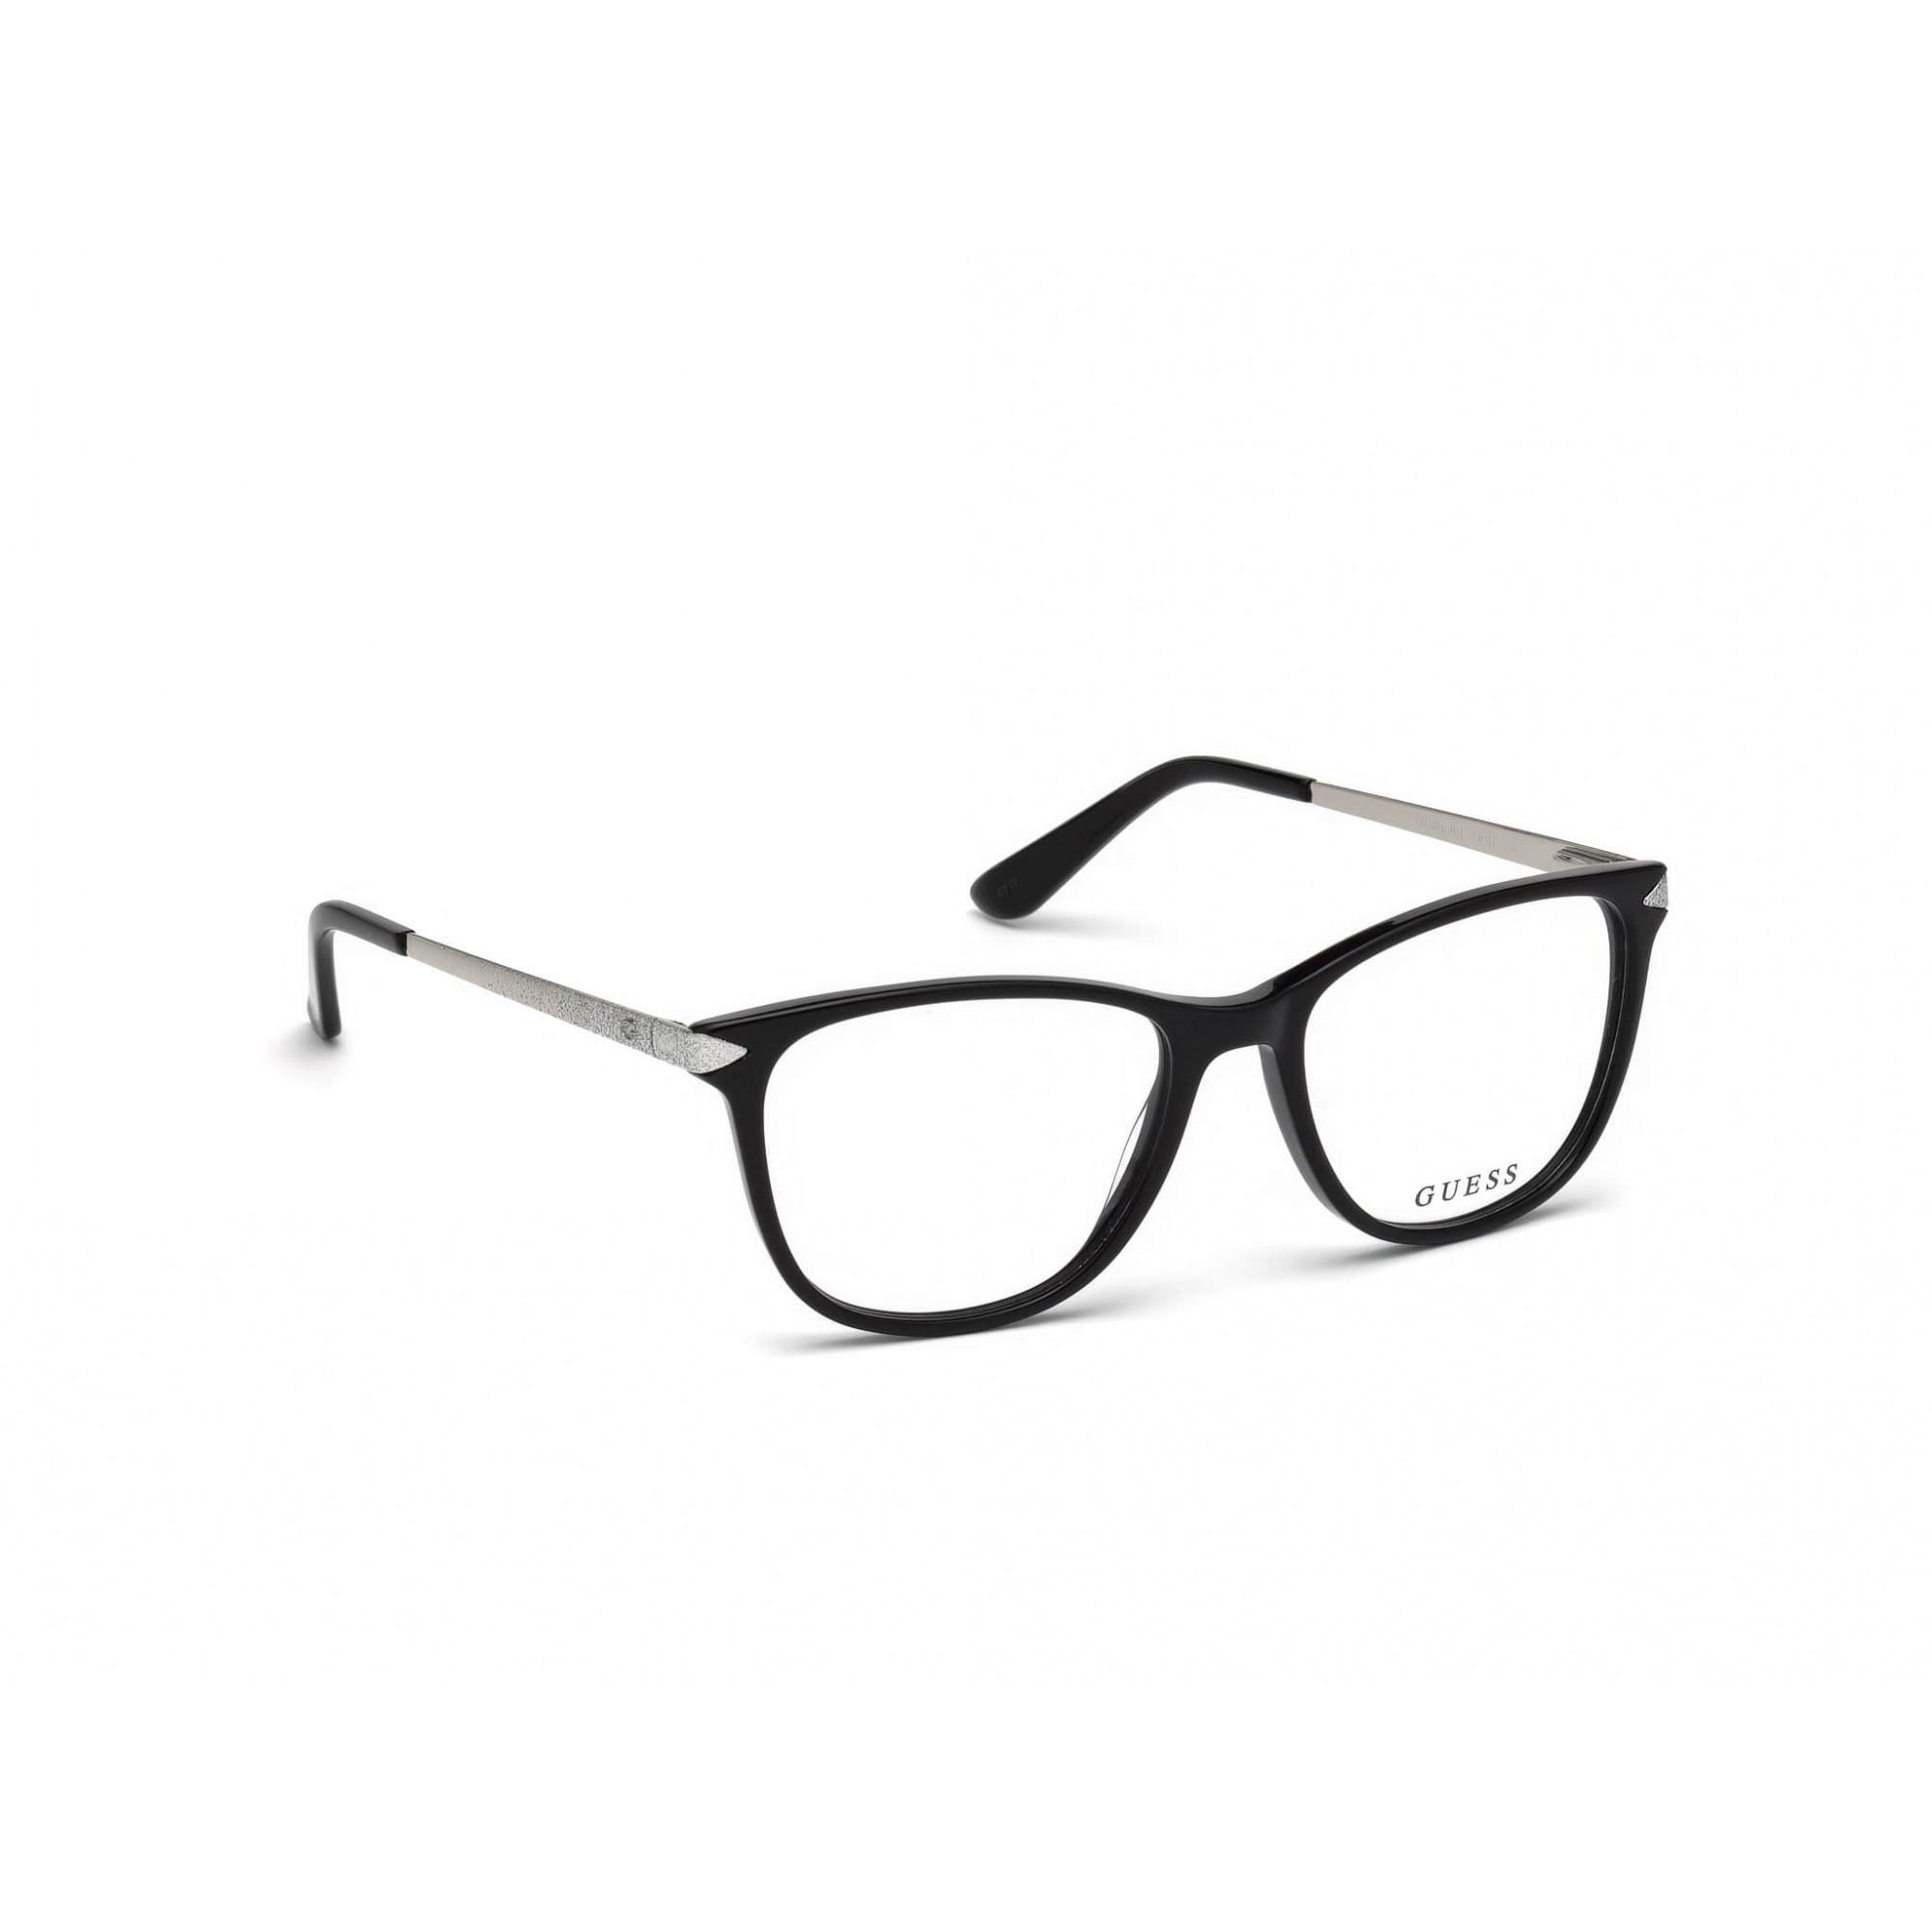 Guess - GU2684 001 54 - Óculos de grau